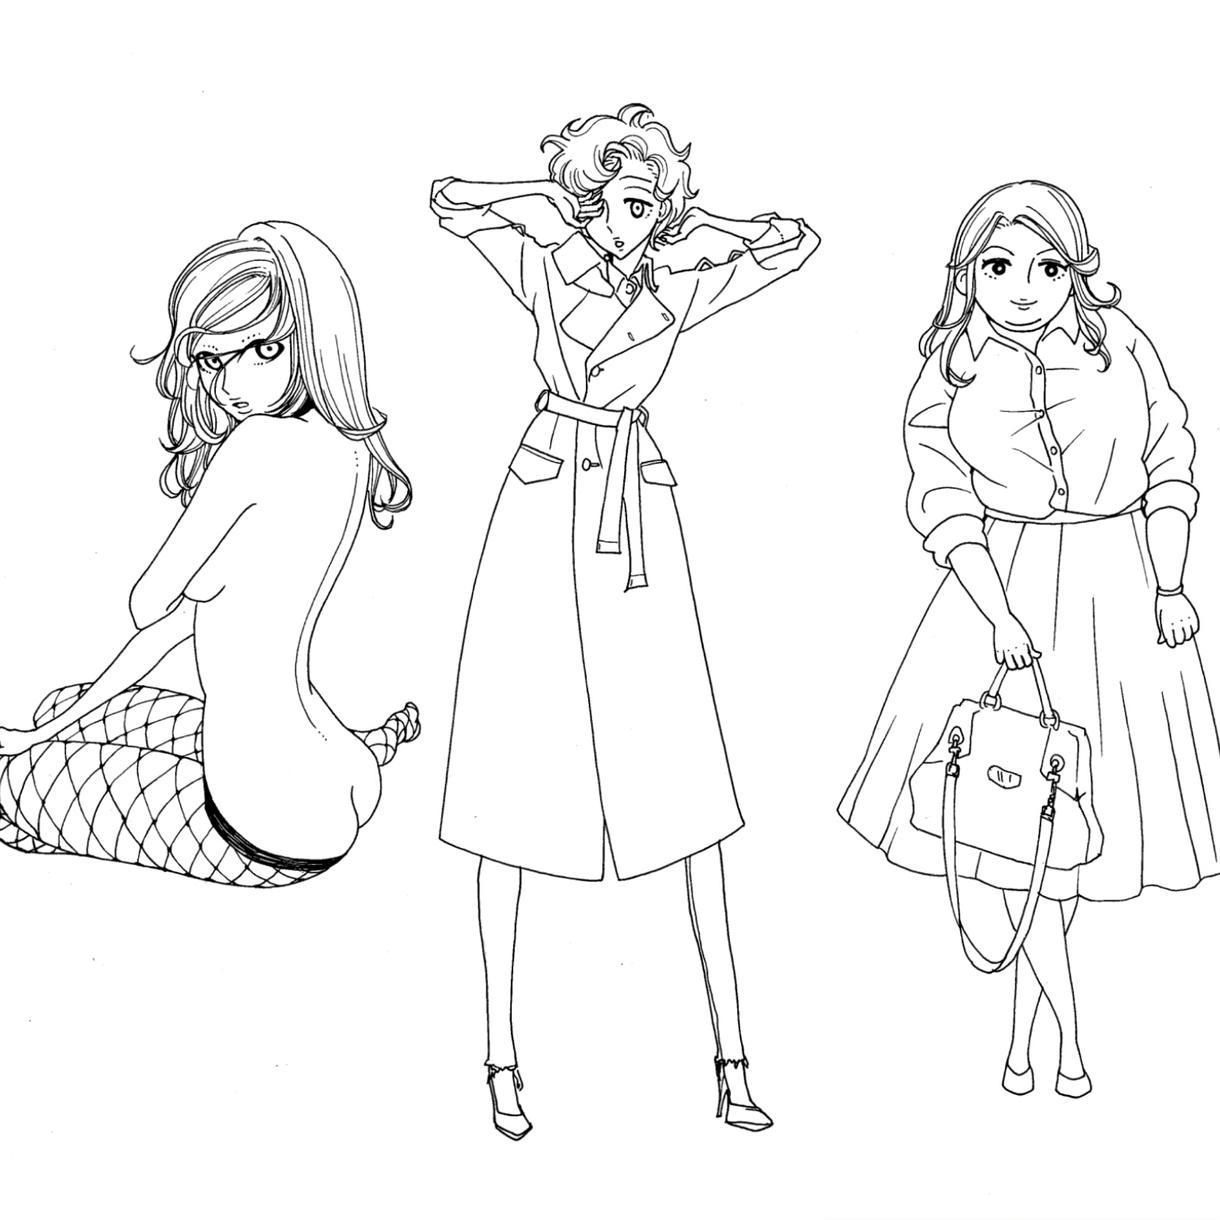 SNSアイコン・イラスト等お描き致します おしゃれ・ファッション好きな方におすすめ☆